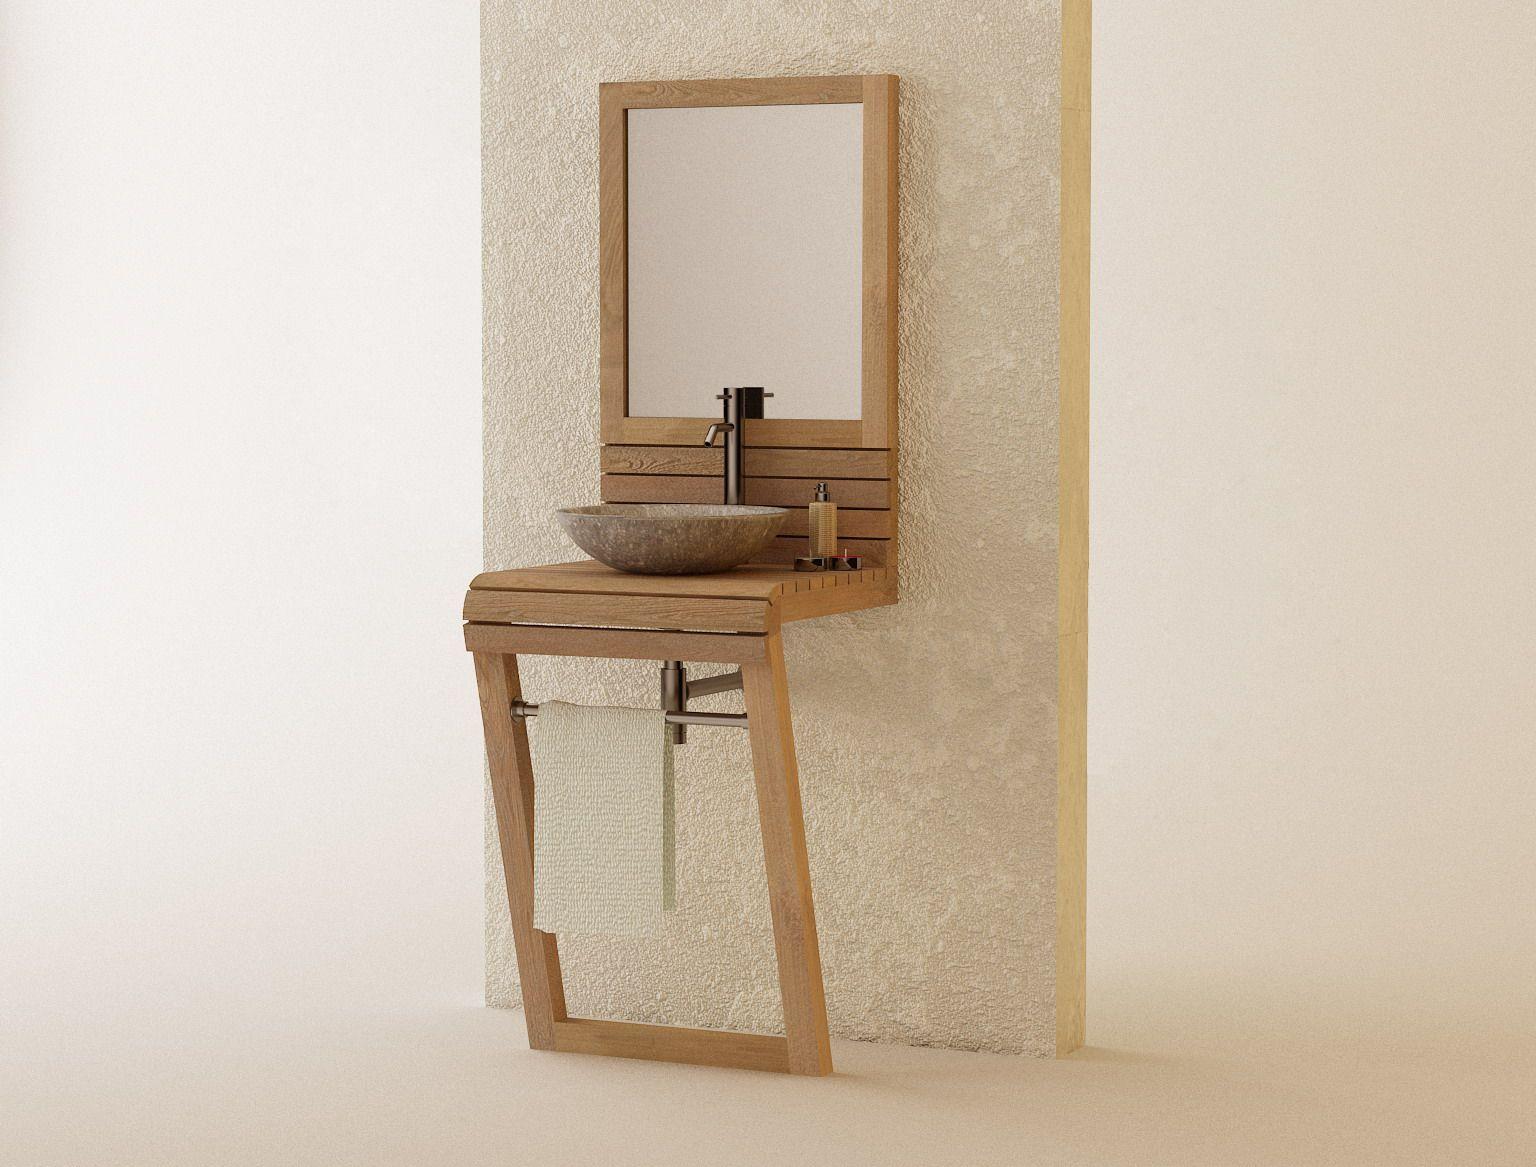 Muebles de ba os en madera de teca serie lavamanos - Muebles madera teca ...